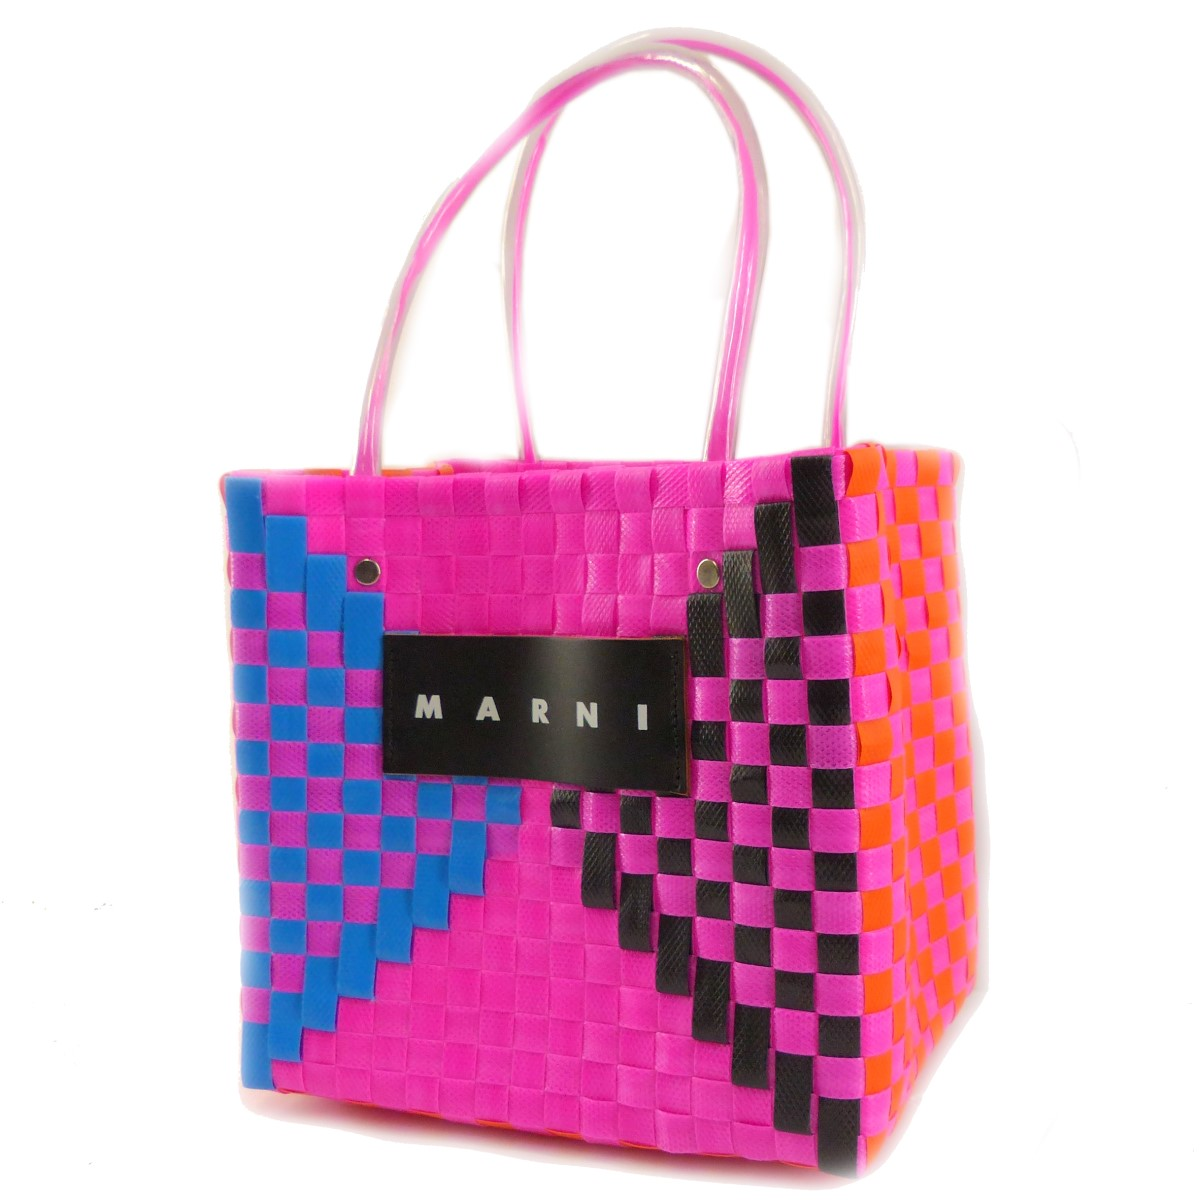 【中古】MARNI MARKET ウーブンハンドバッグ ピンク 【230820】(マルニマーケット)